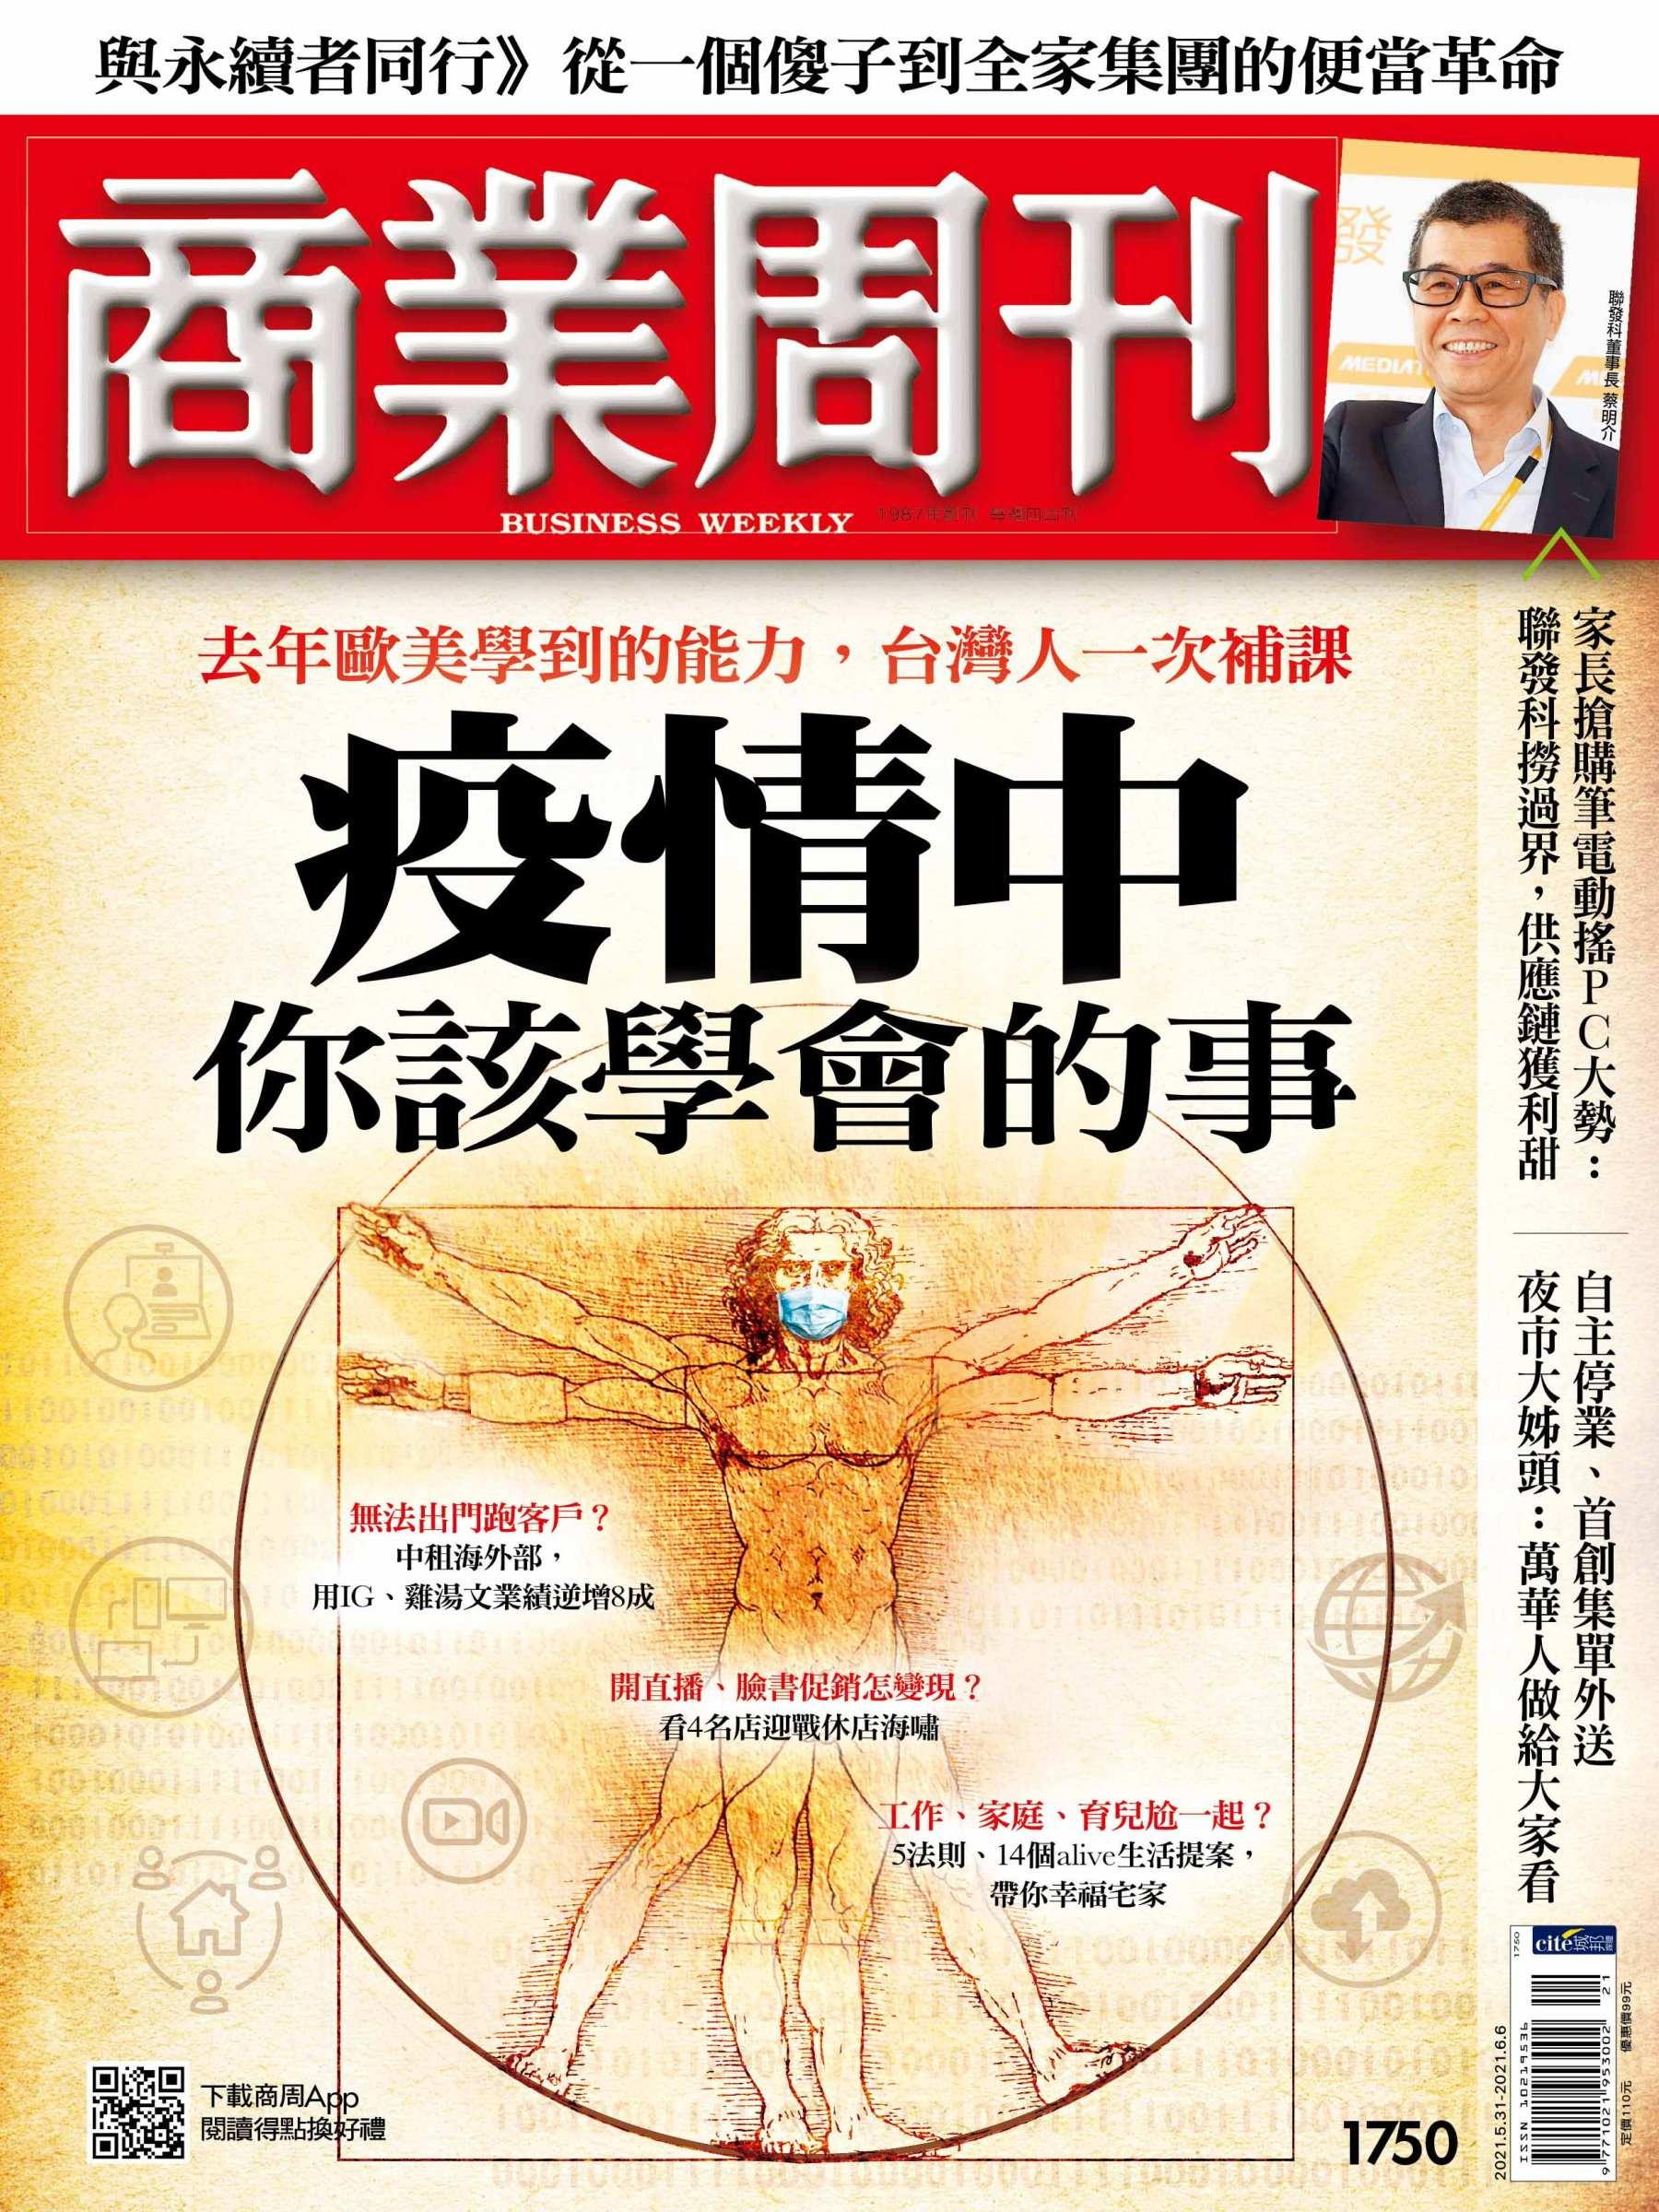 商業周刊 2021/5/27 第1750期